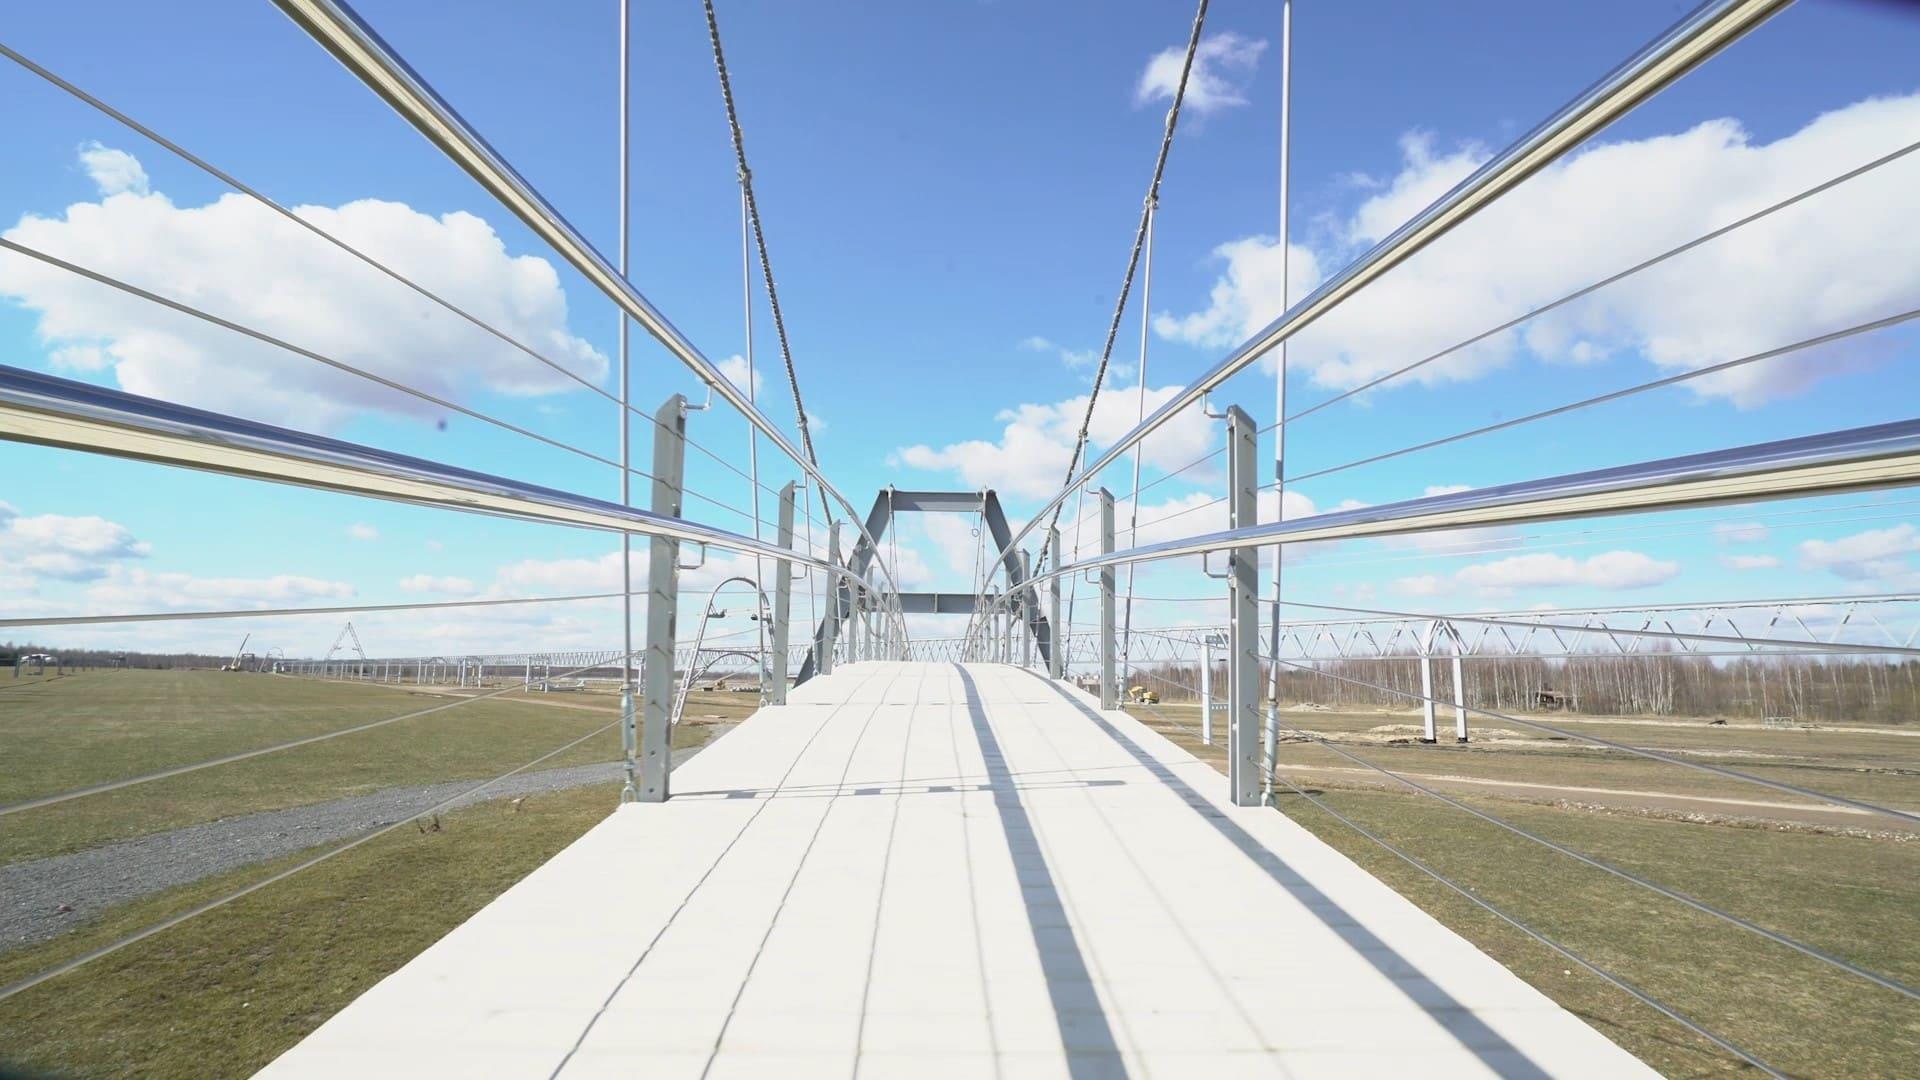 струнный мост skyway (1)